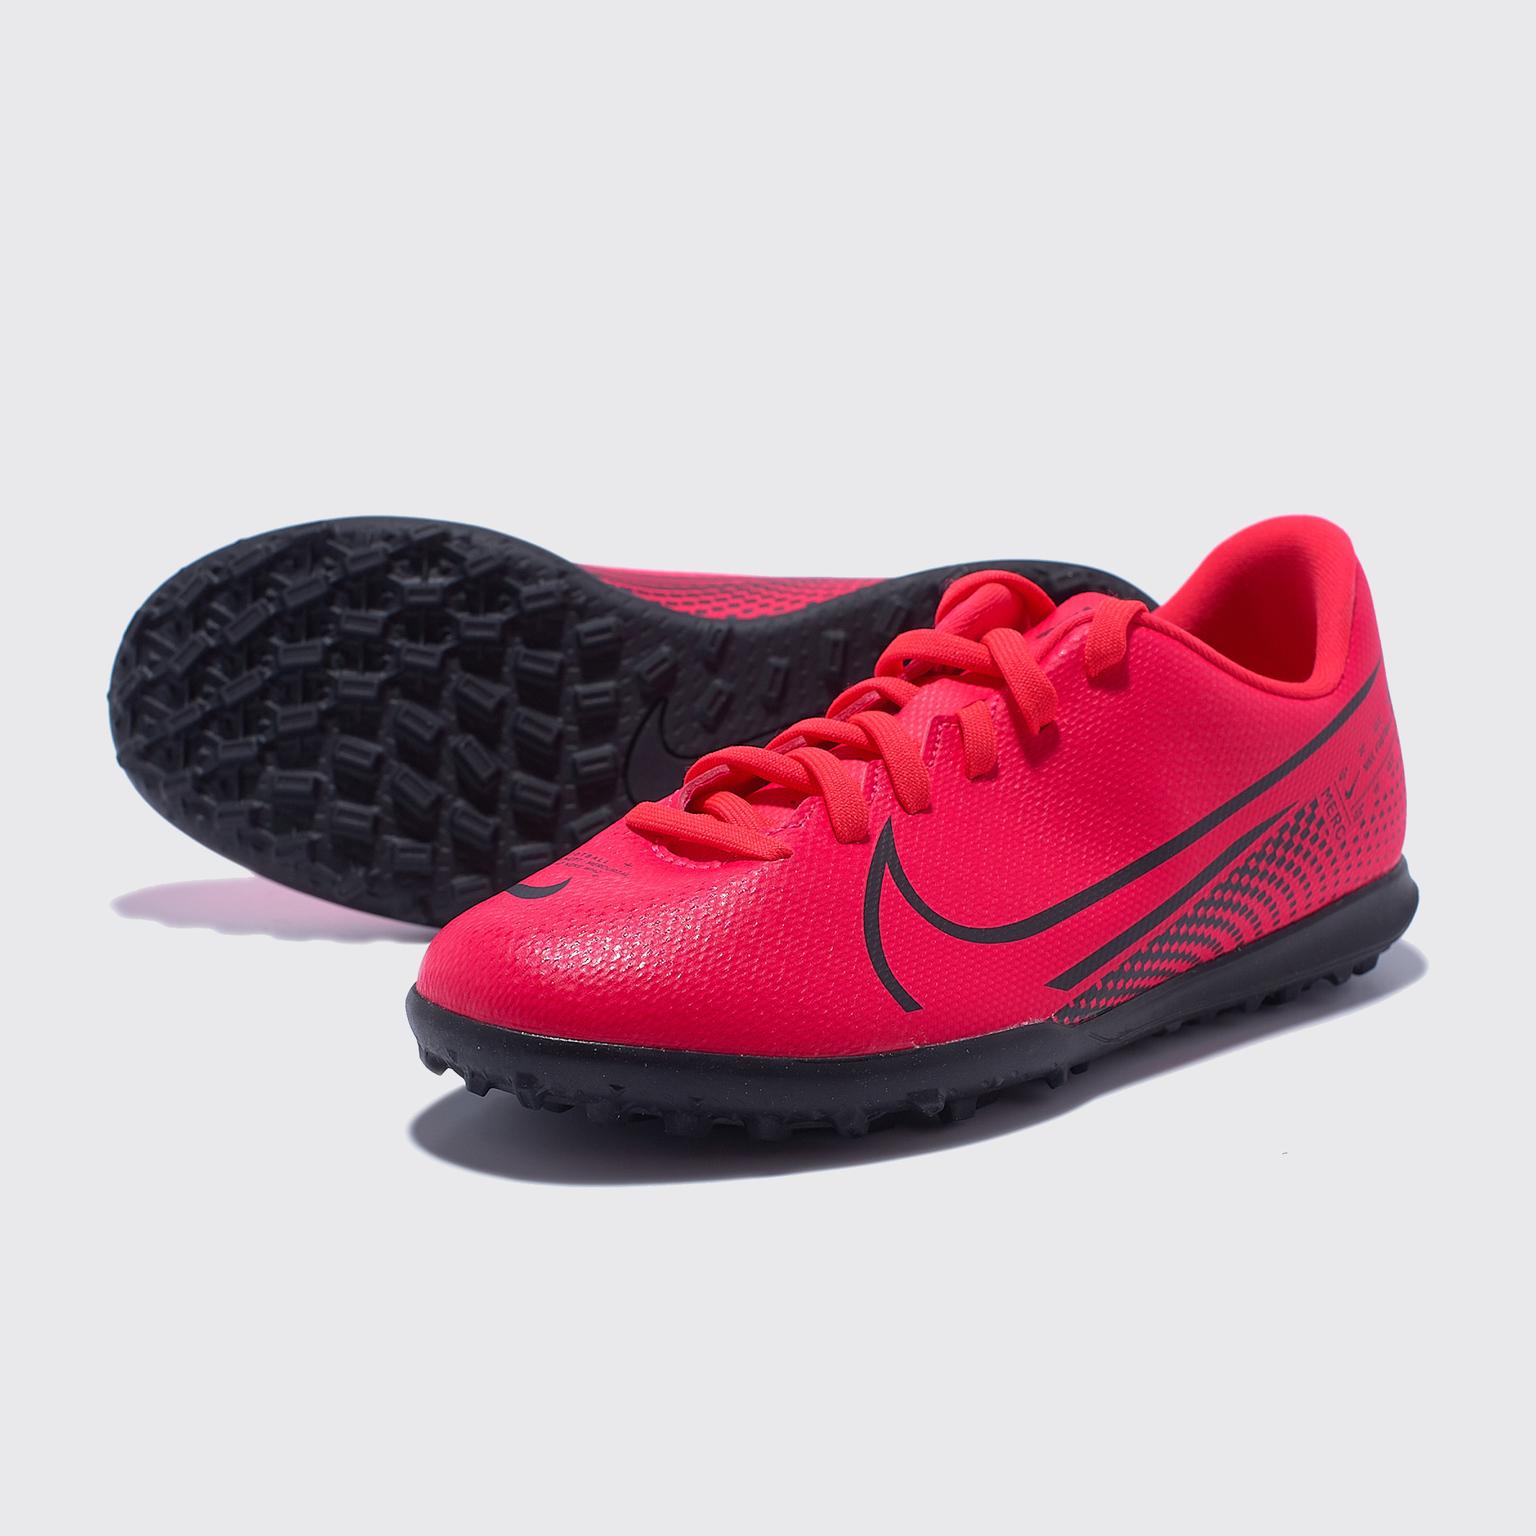 Фото - Шиповки детские Nike Vapor 13 Club TF AT8177-606 шиповки детские nike vapor 13 academy neymar tf at8144 104